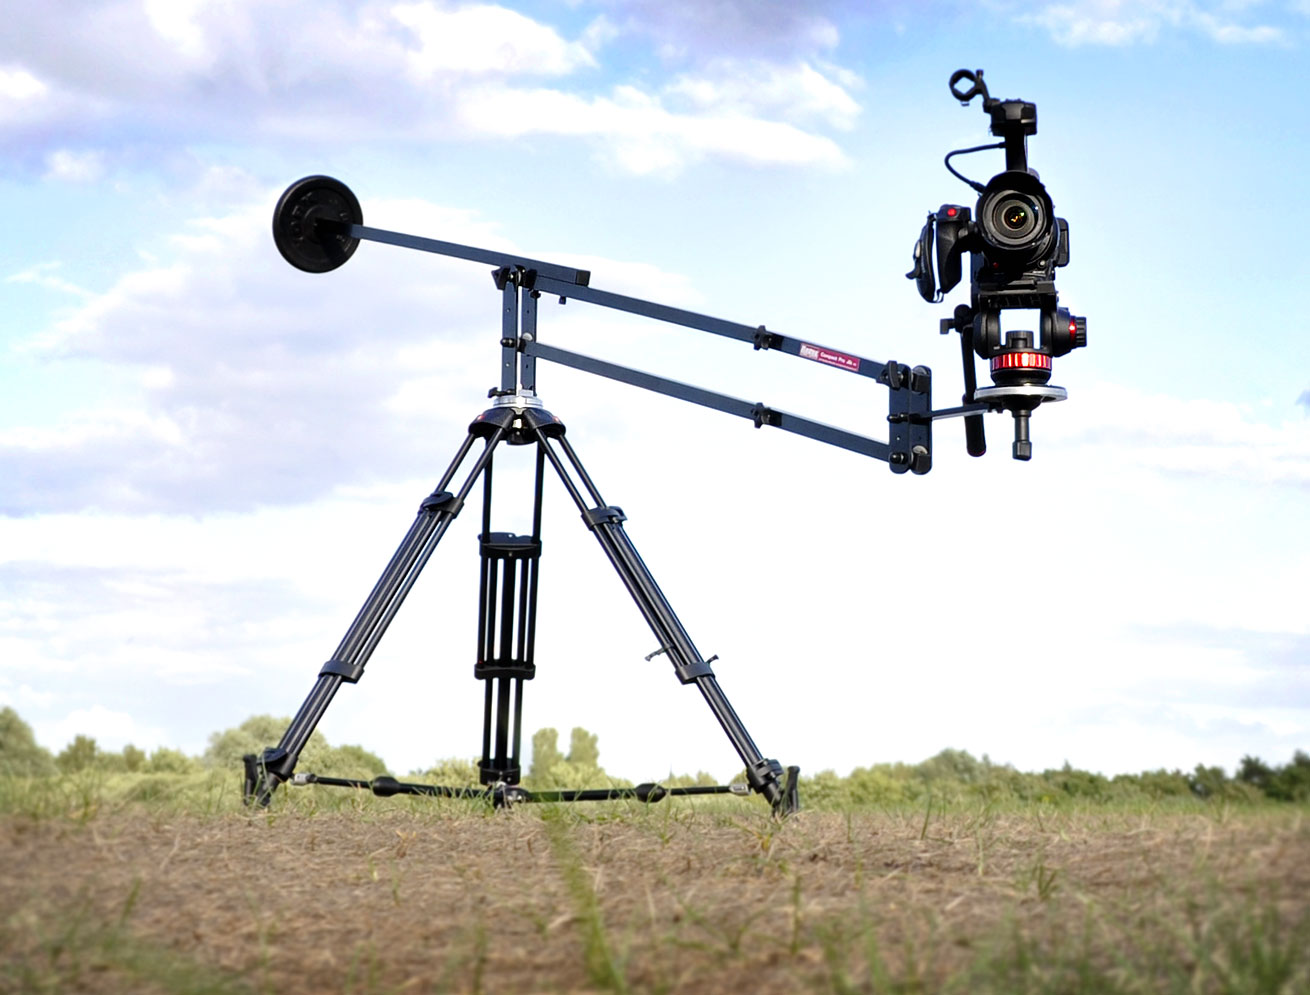 Hague K5 Compact Pro Jib Camera Crane — Hague Camera Supports